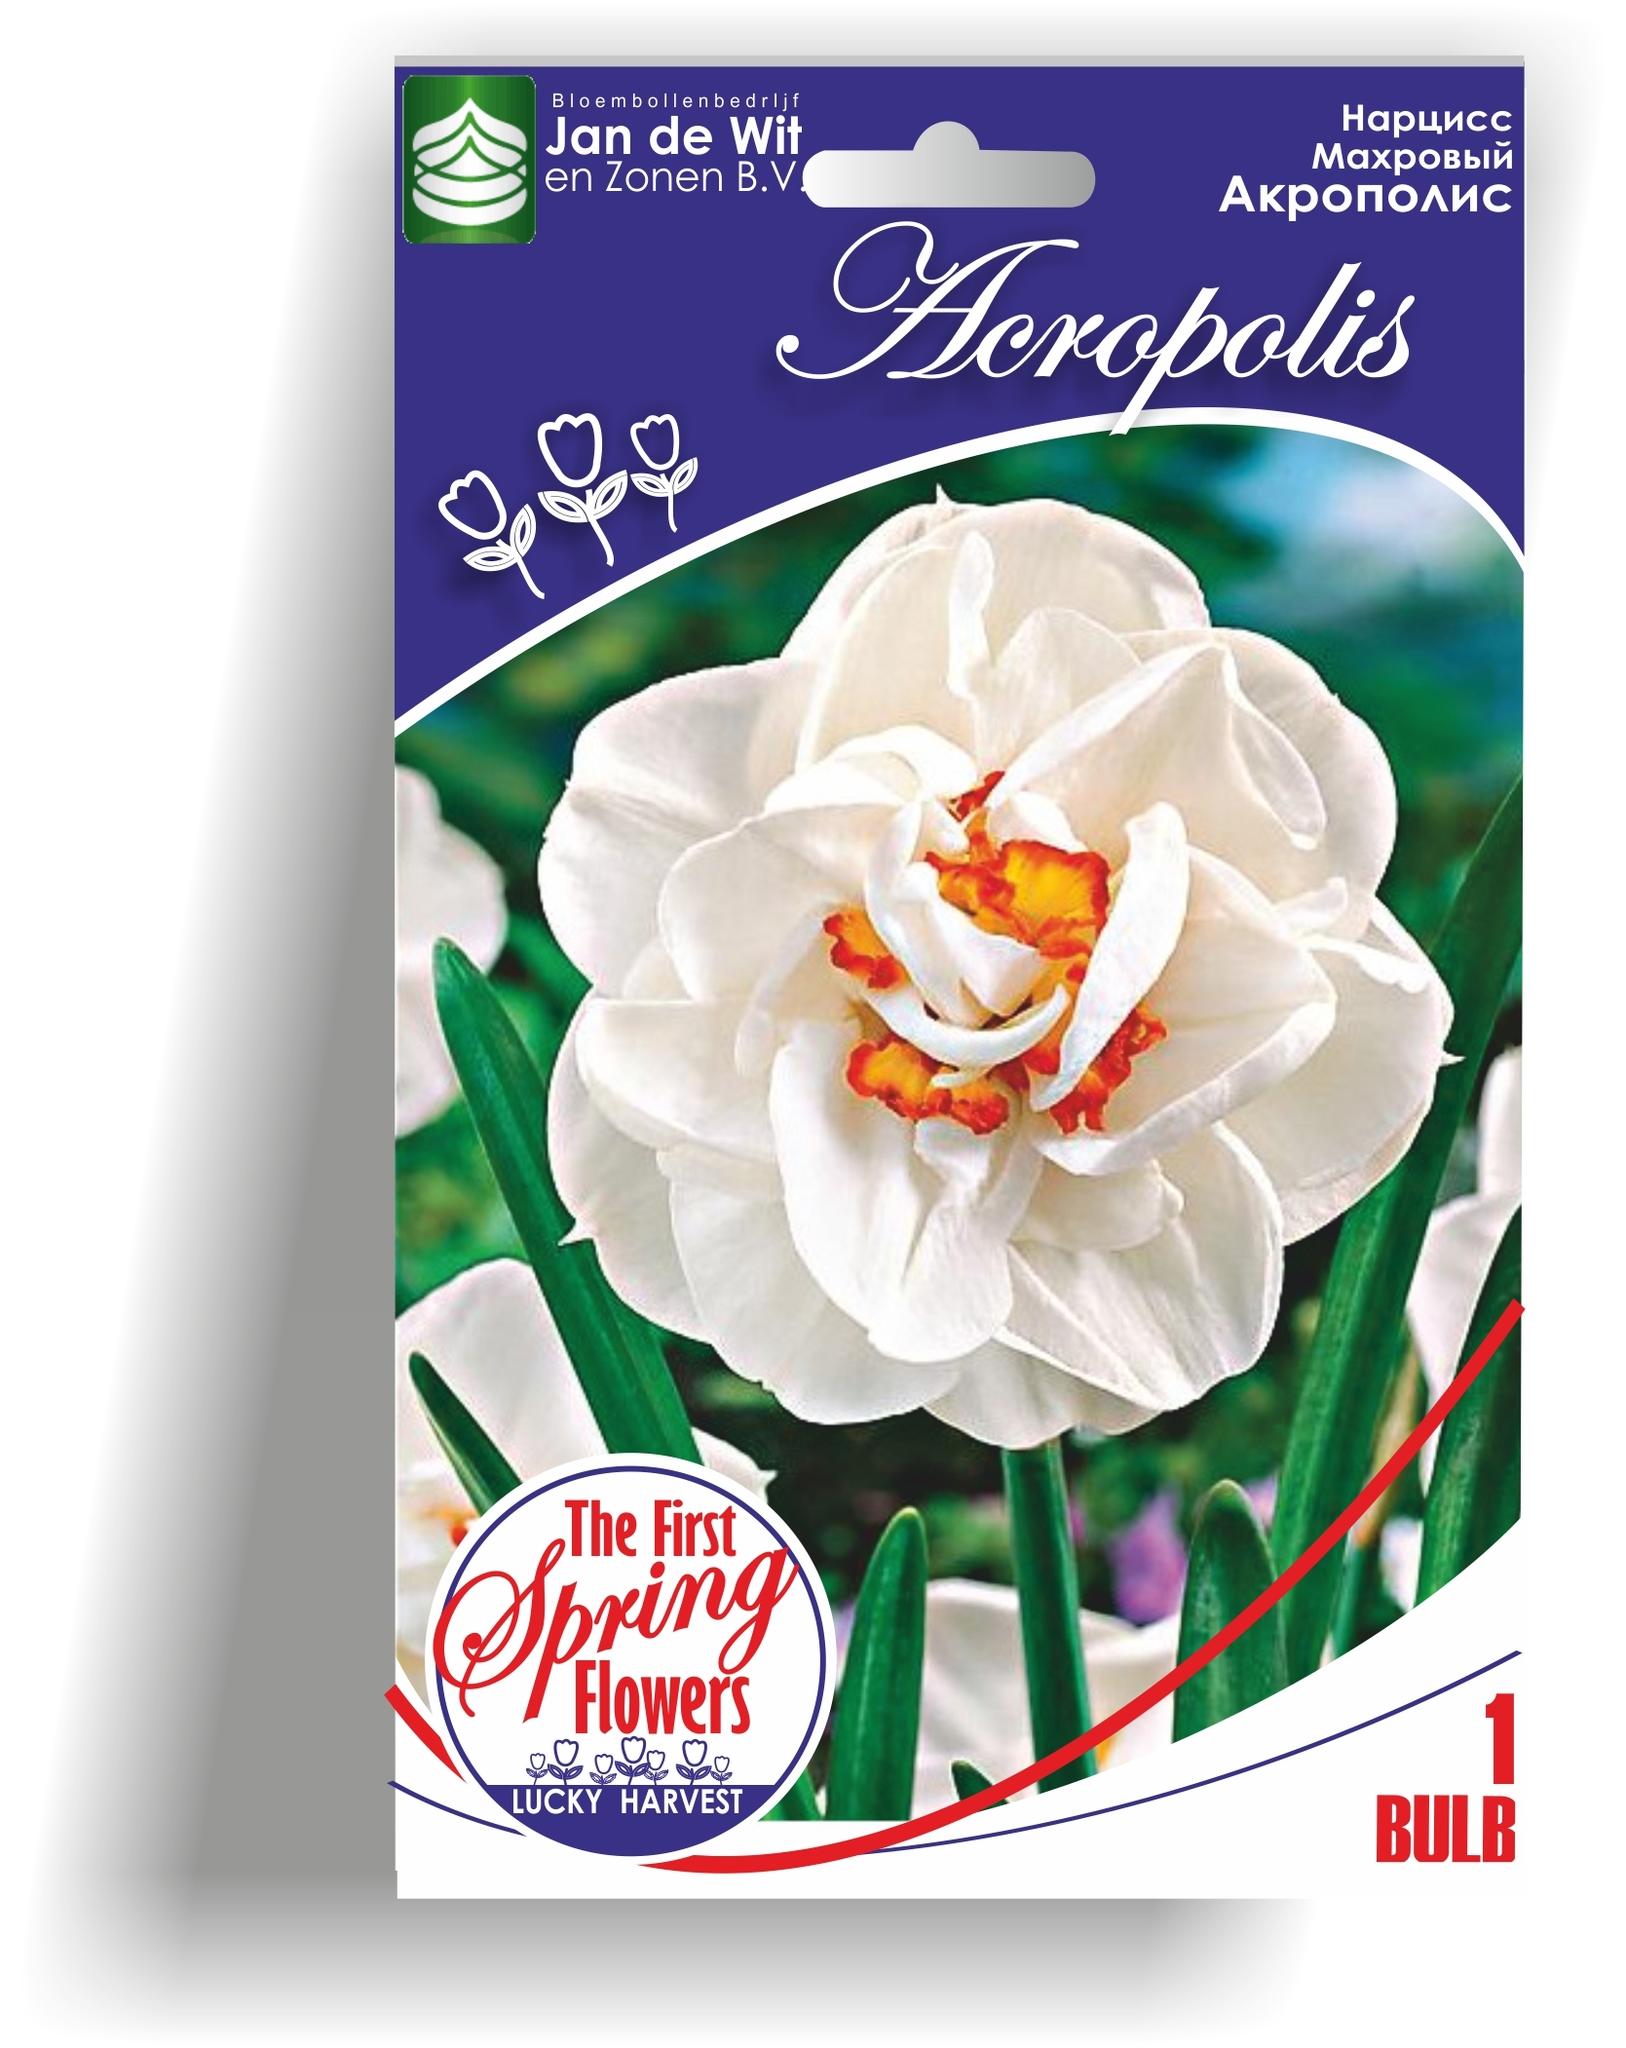 Нарцисс махровый Acropolis (Акрополис)  Jan de Wit en Zonen B.V.